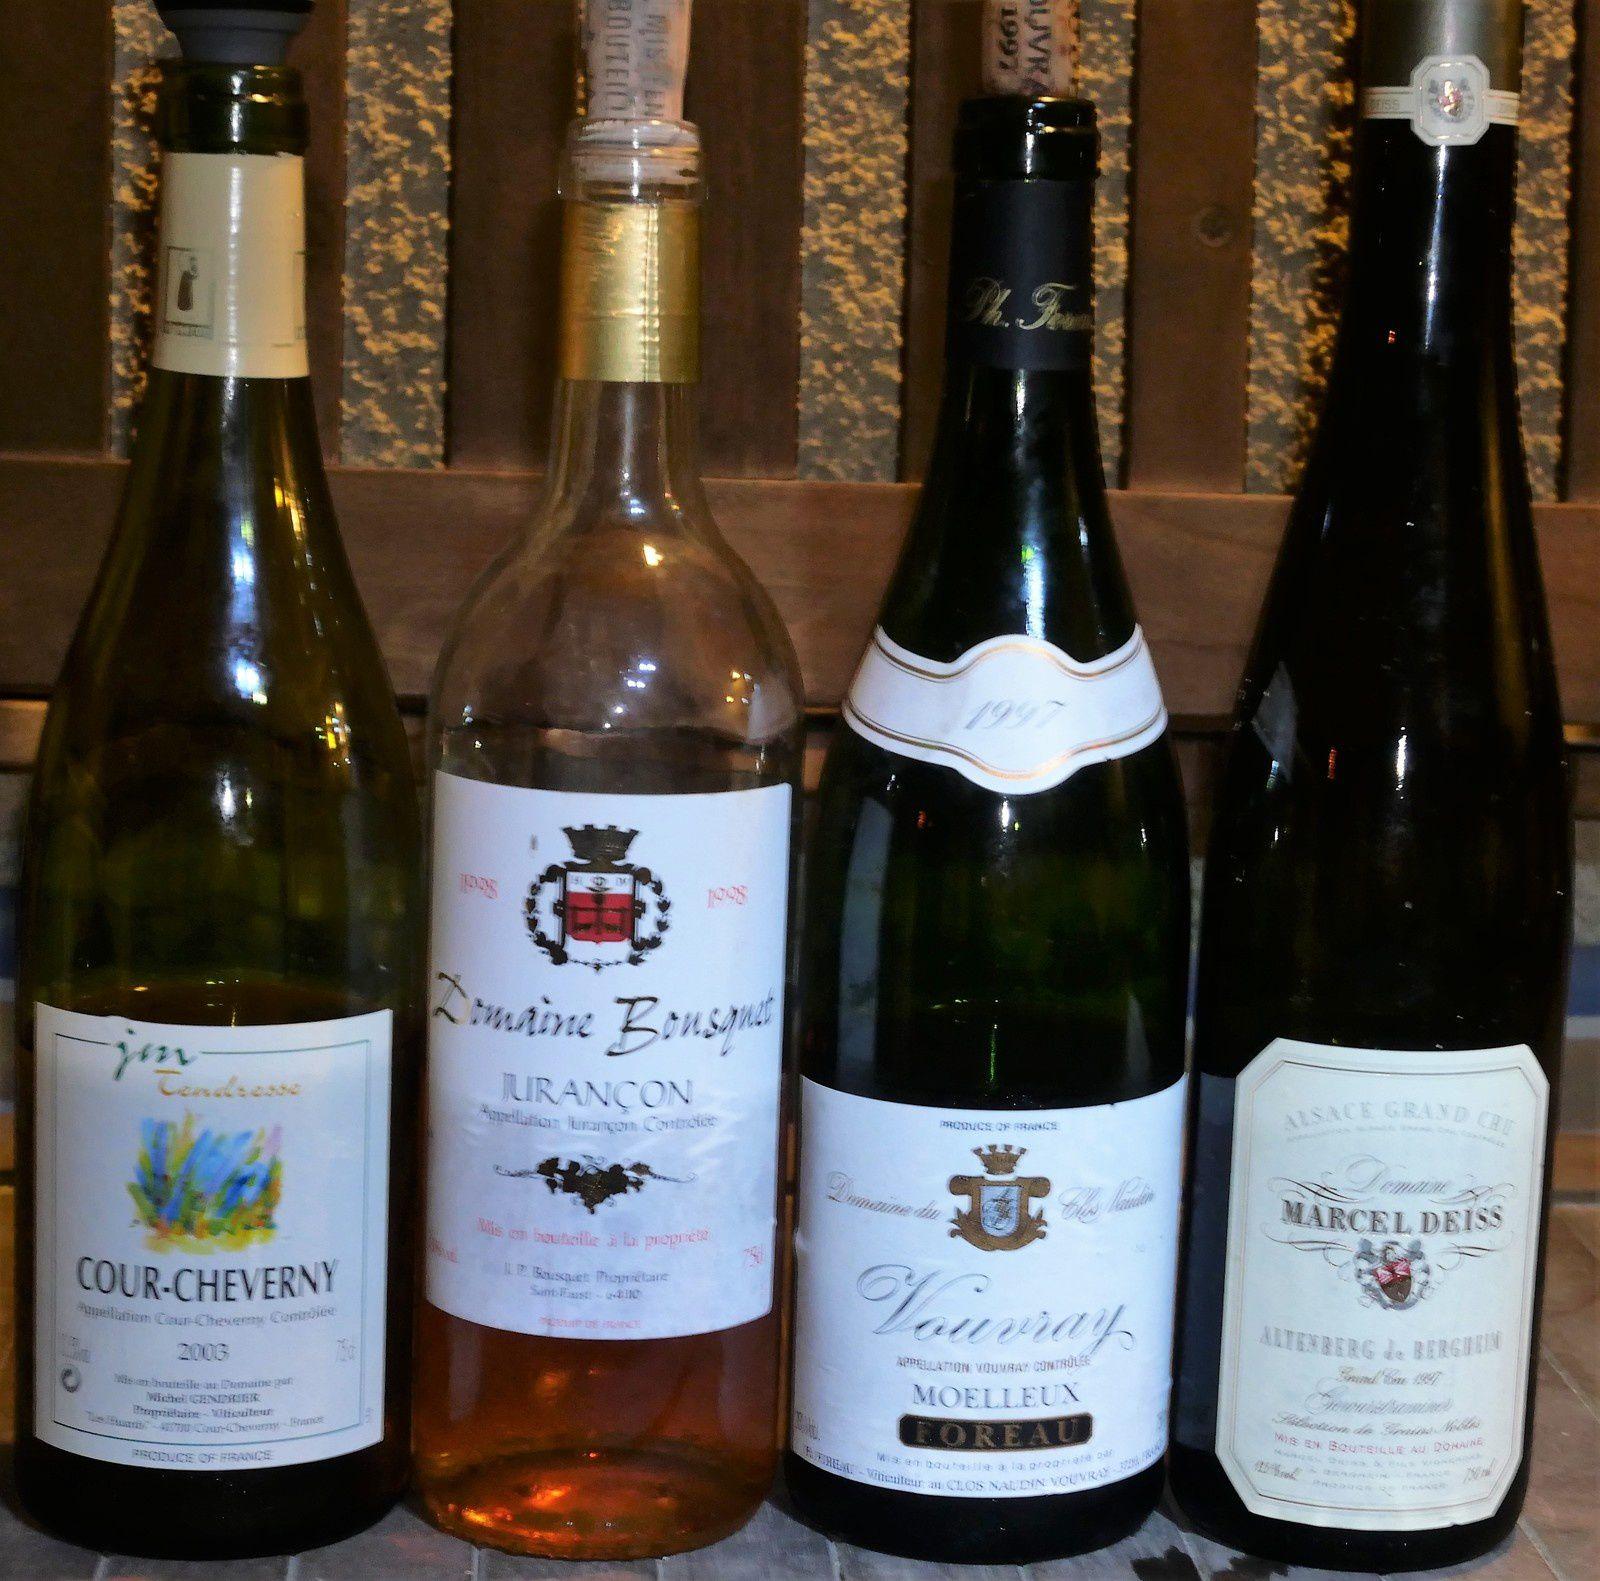 Une dégustation de vins moelleux/liquoreux